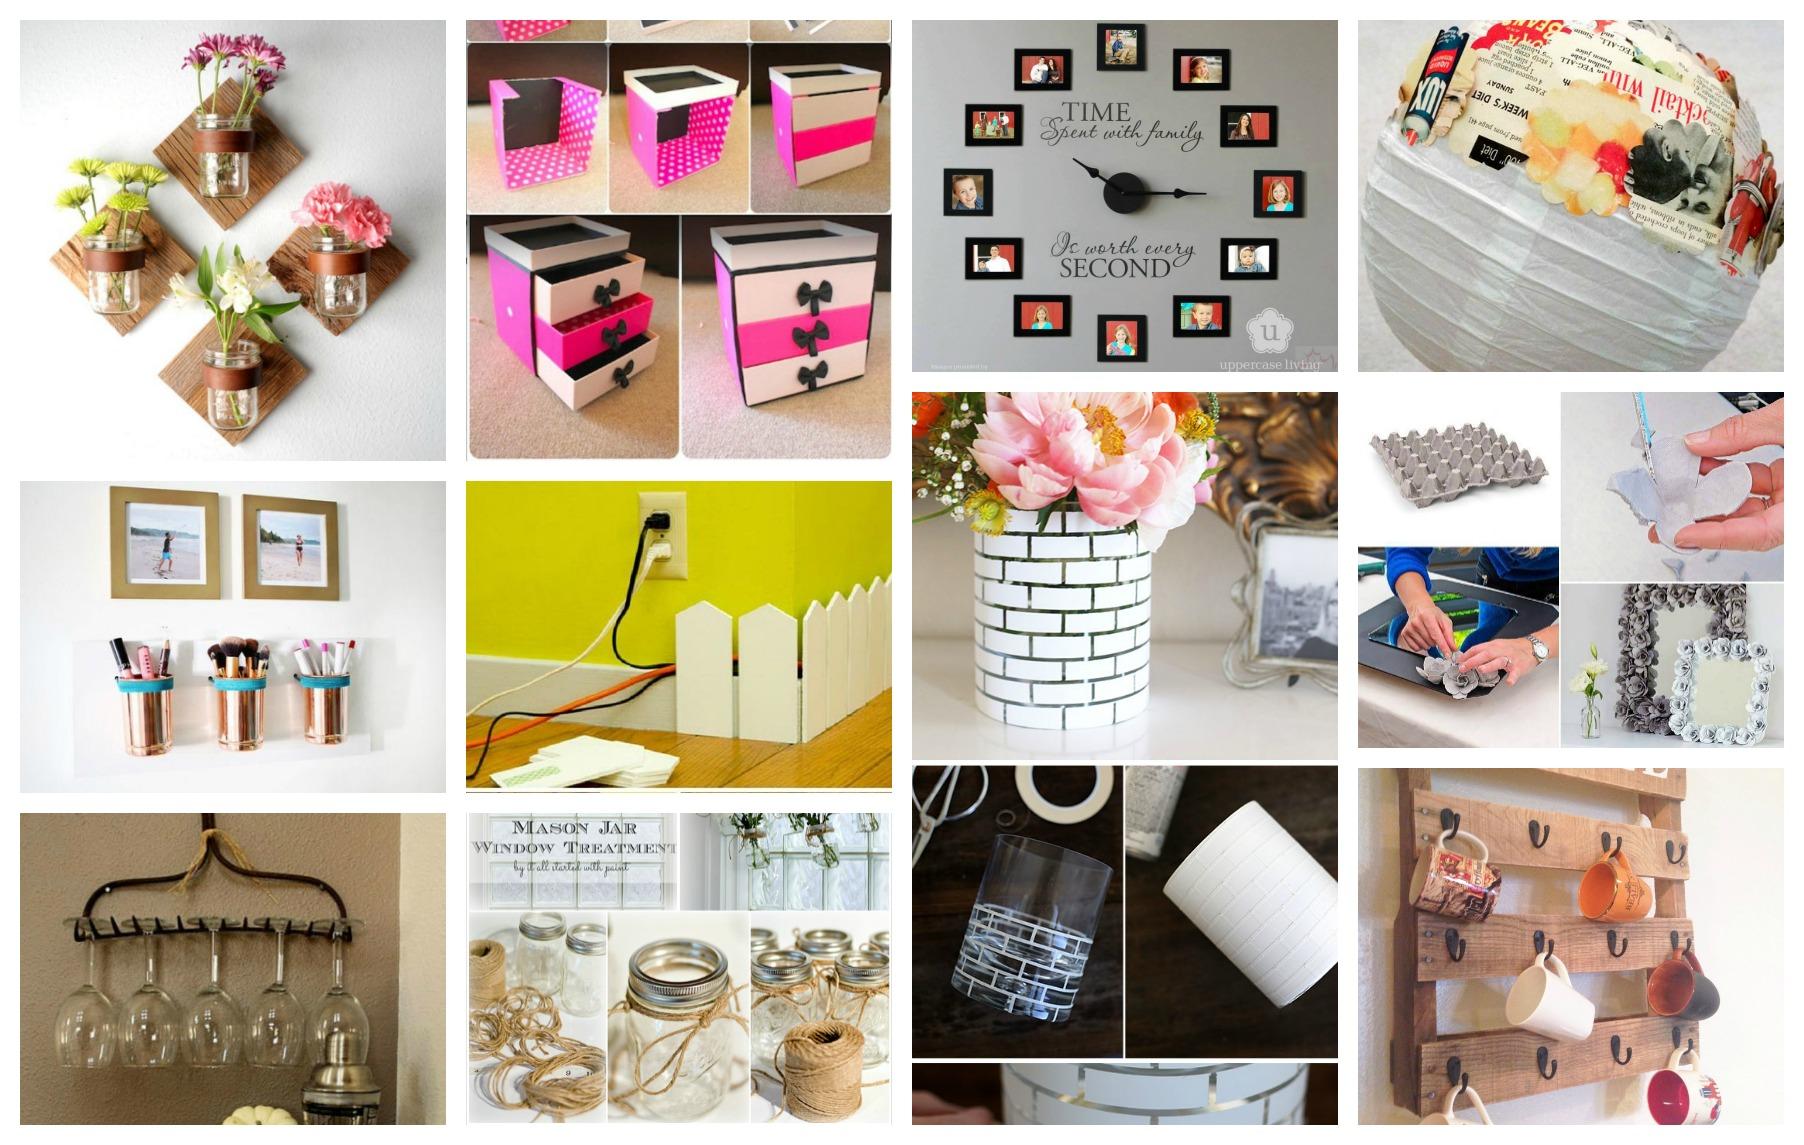 15 hermosas decoraciones para tu hogar que te van a encantar - Decoraciones para hogar ...